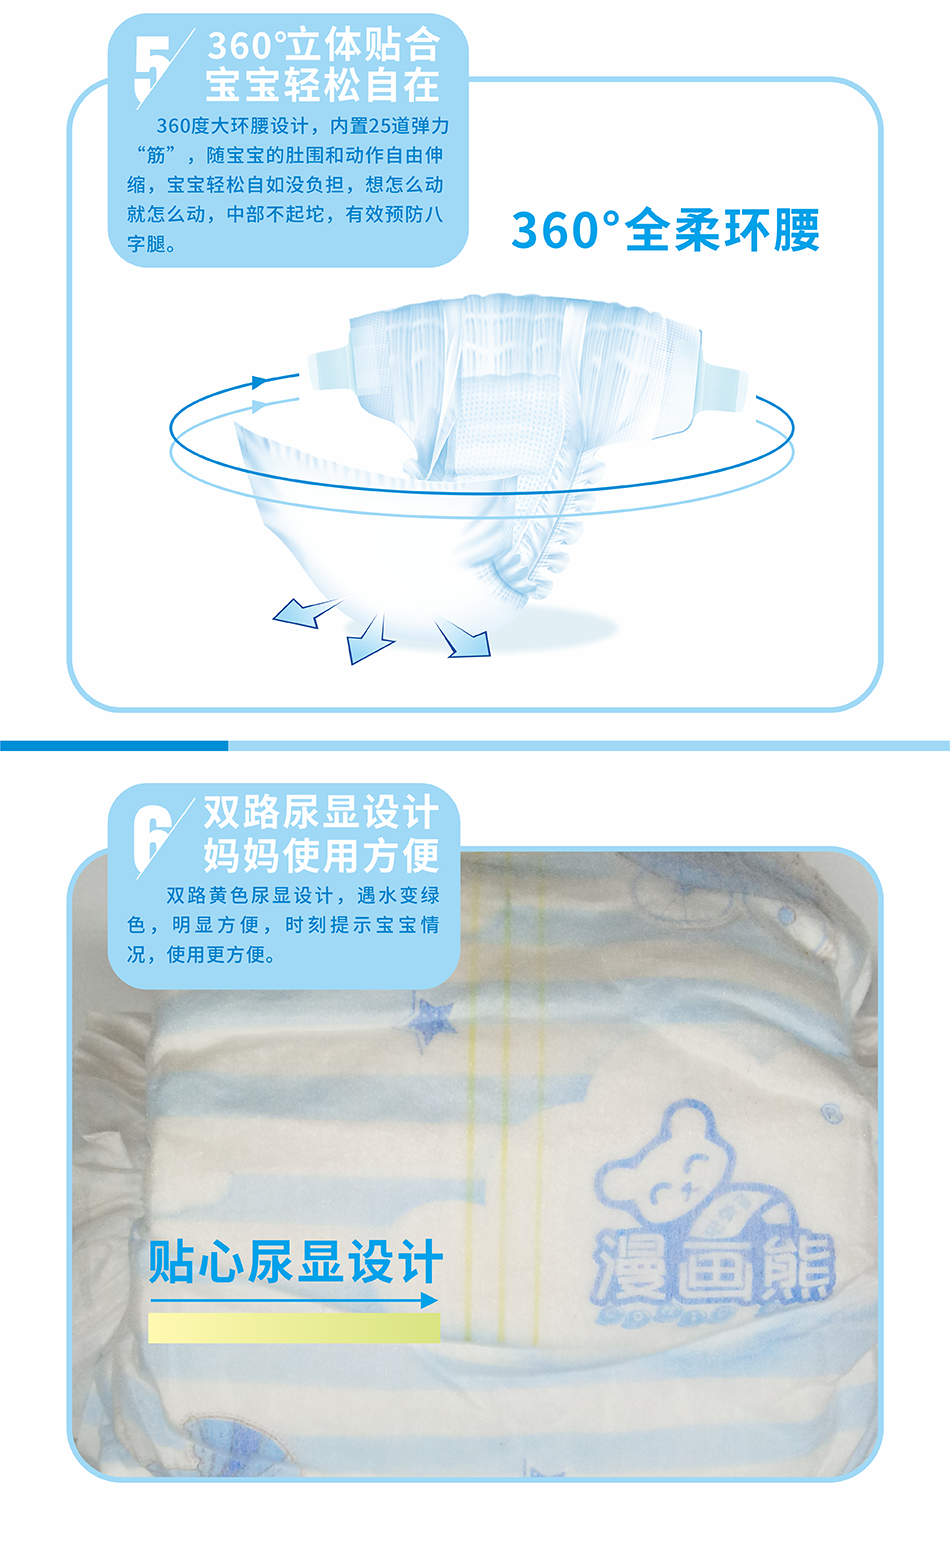 漫画熊婴儿纸尿裤|漫画熊-佛山市誉润卫生用品有限公司